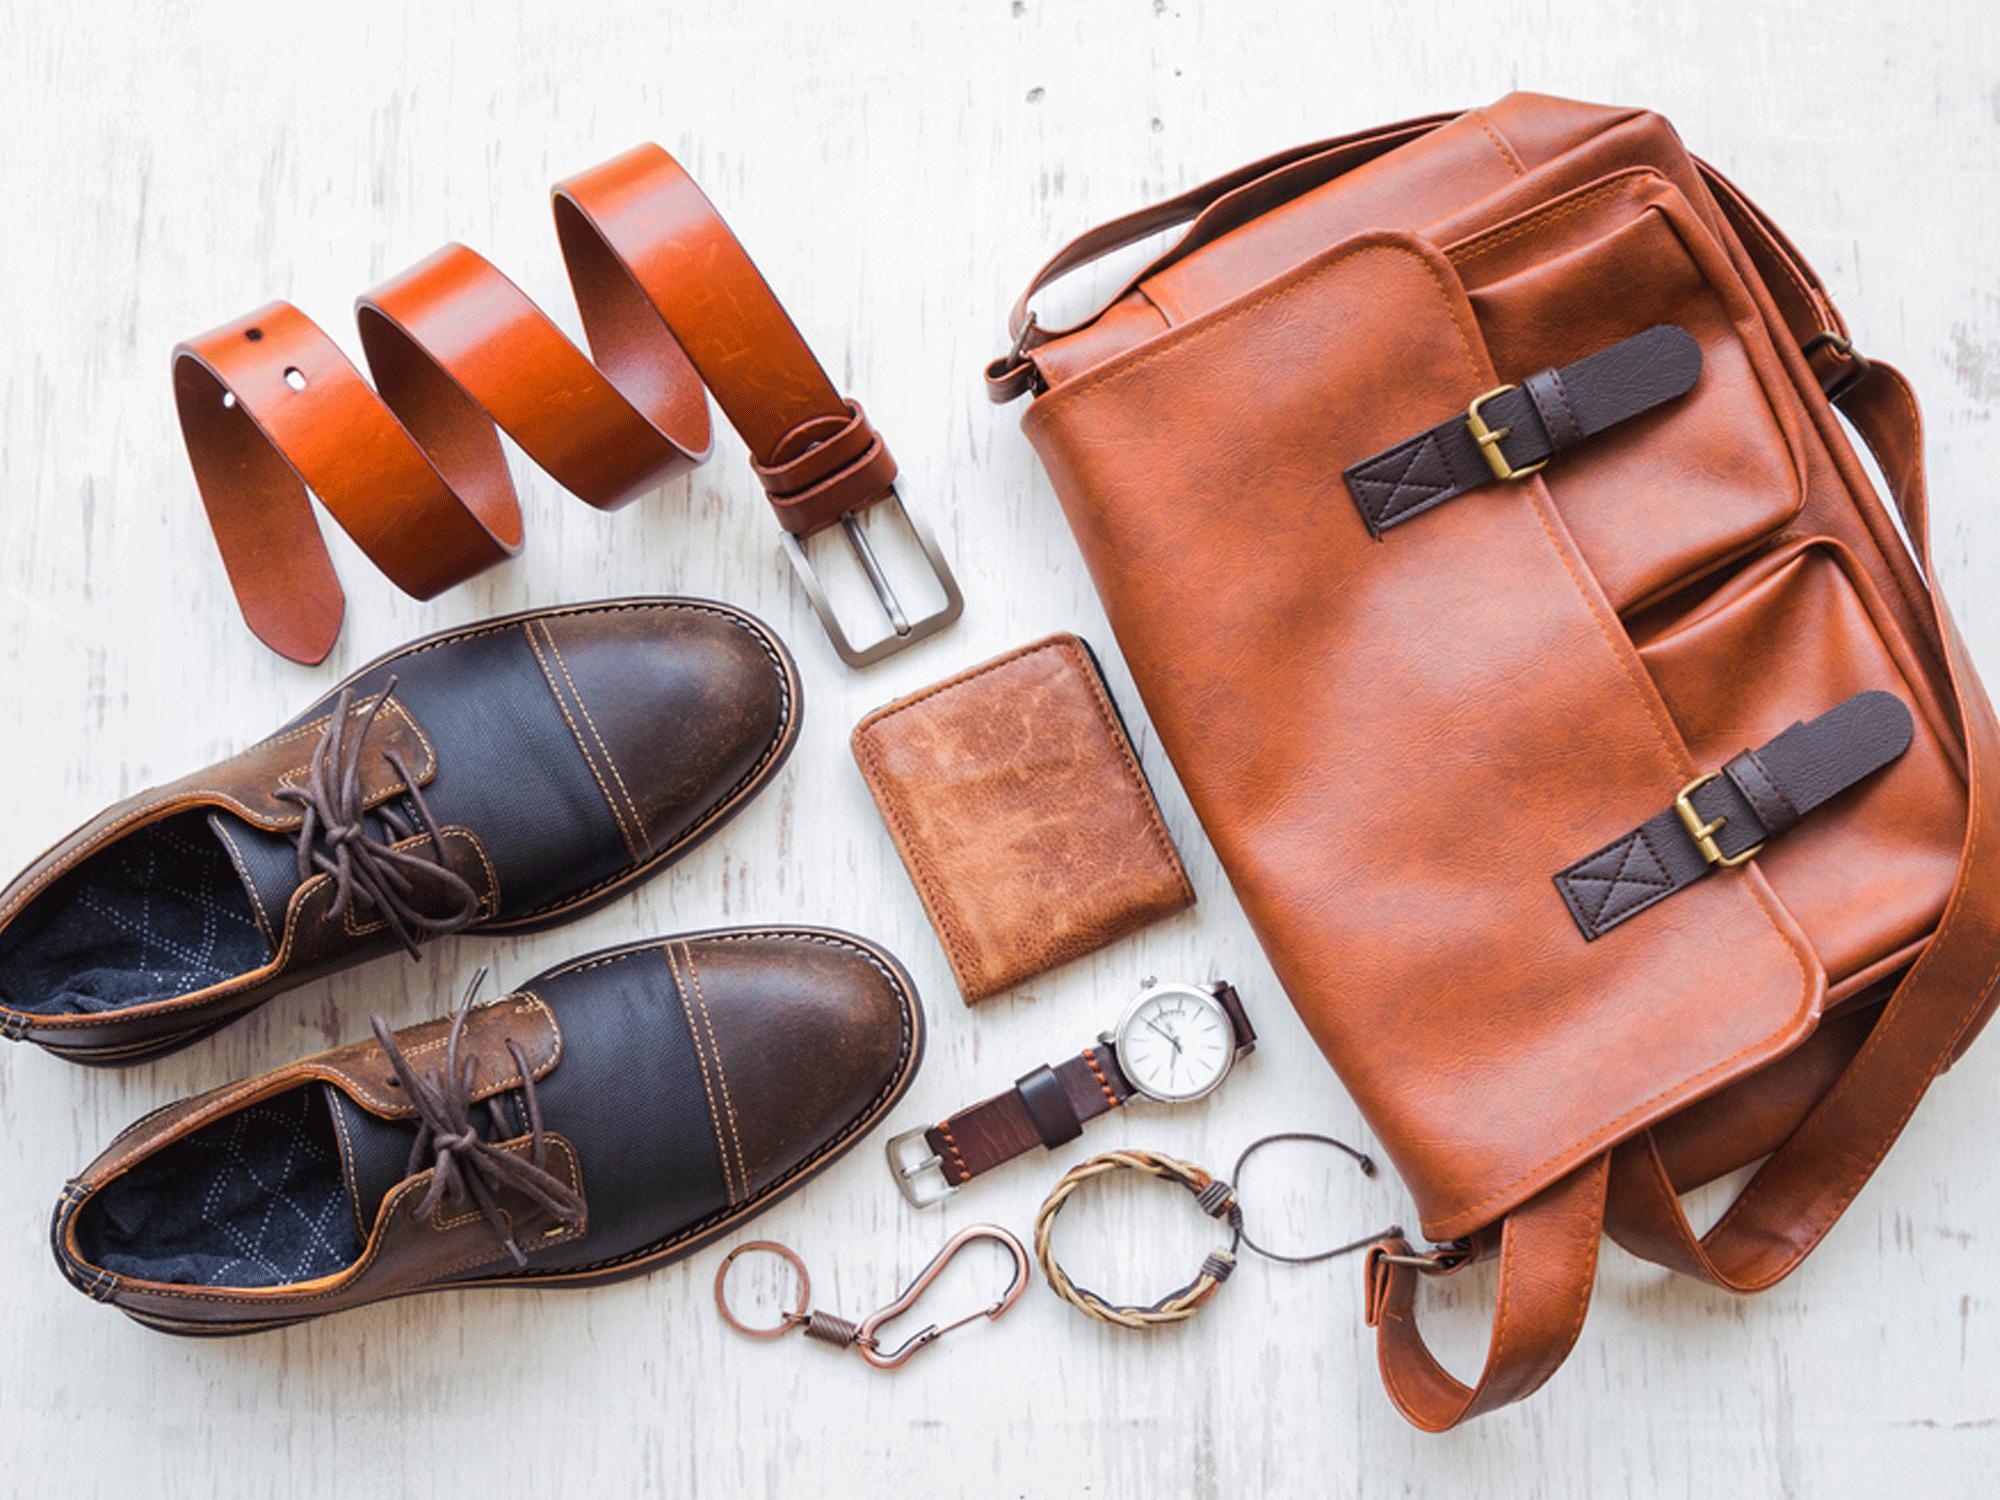 τσάντα, ζώνη, παπούτσια